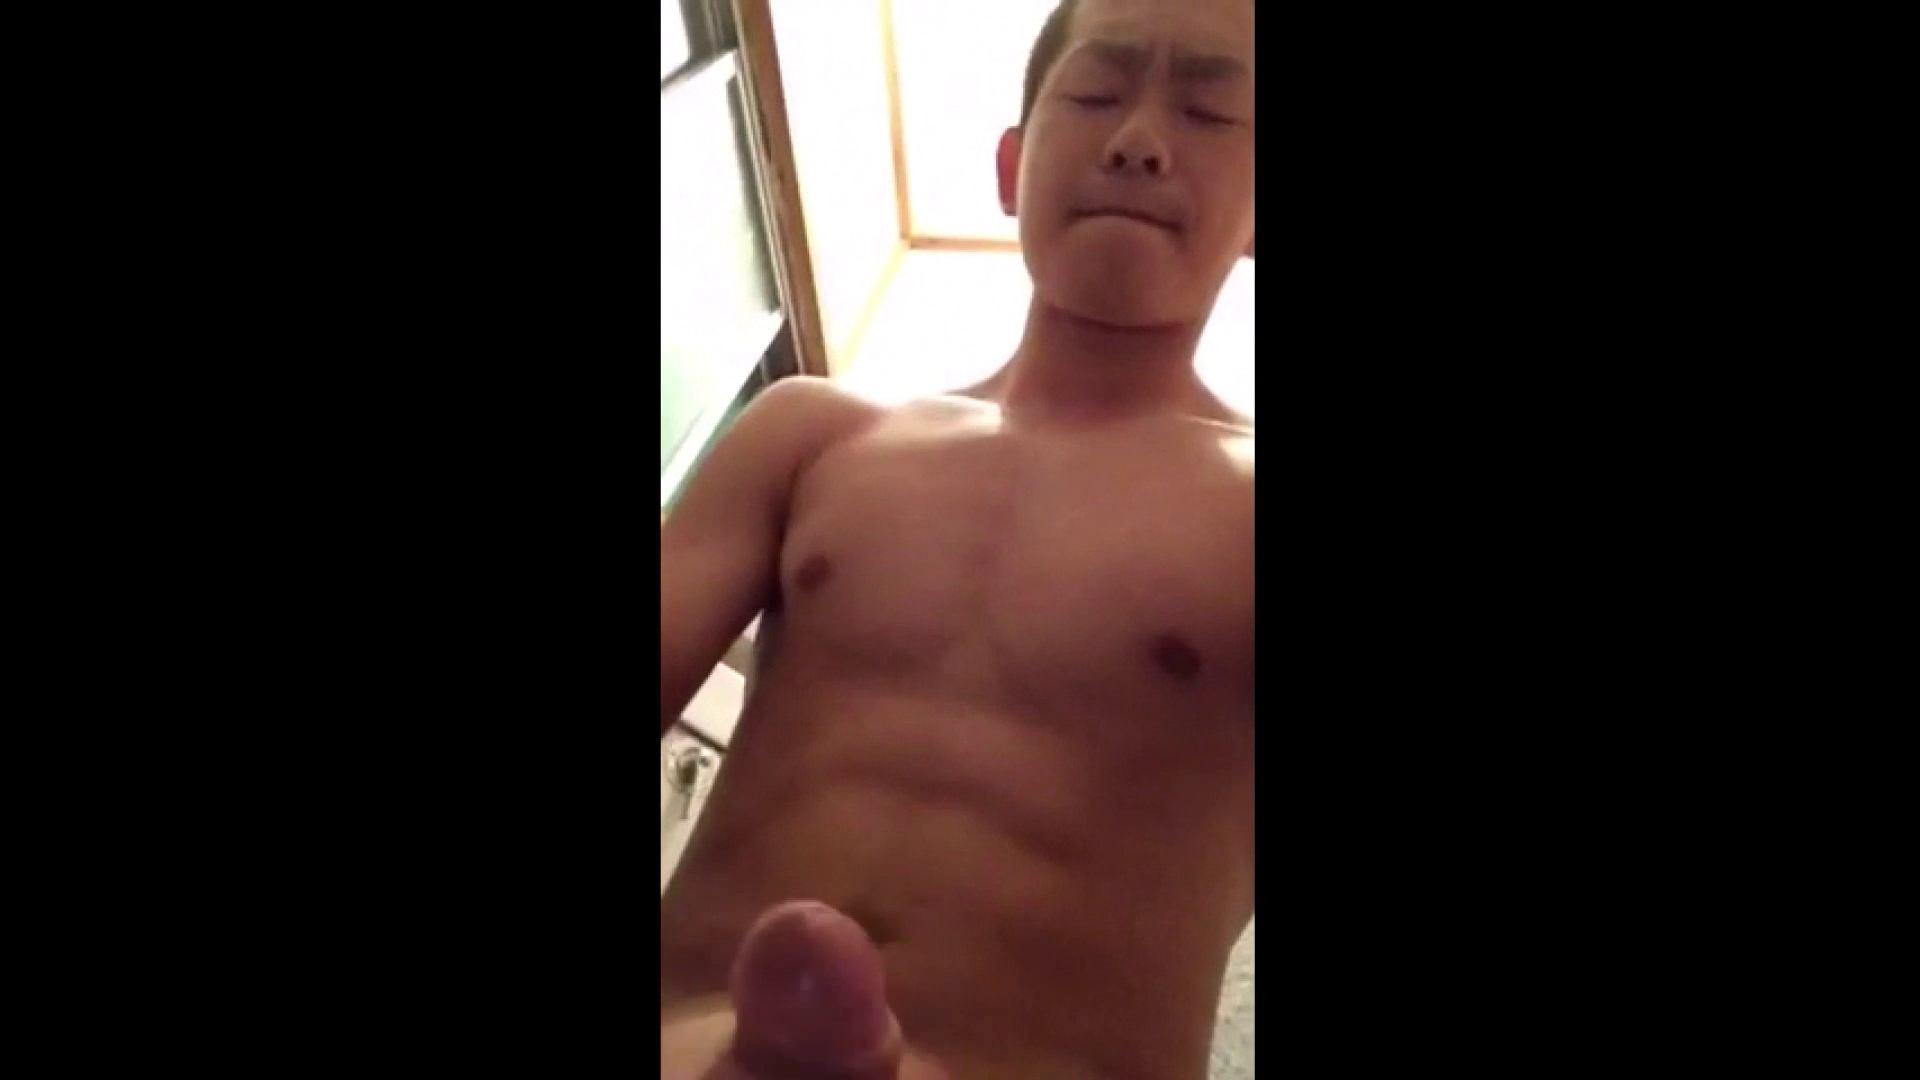 個人撮影 自慰の極意 Vol.33 ゲイの自慰 ゲイセックス画像 94pic 48